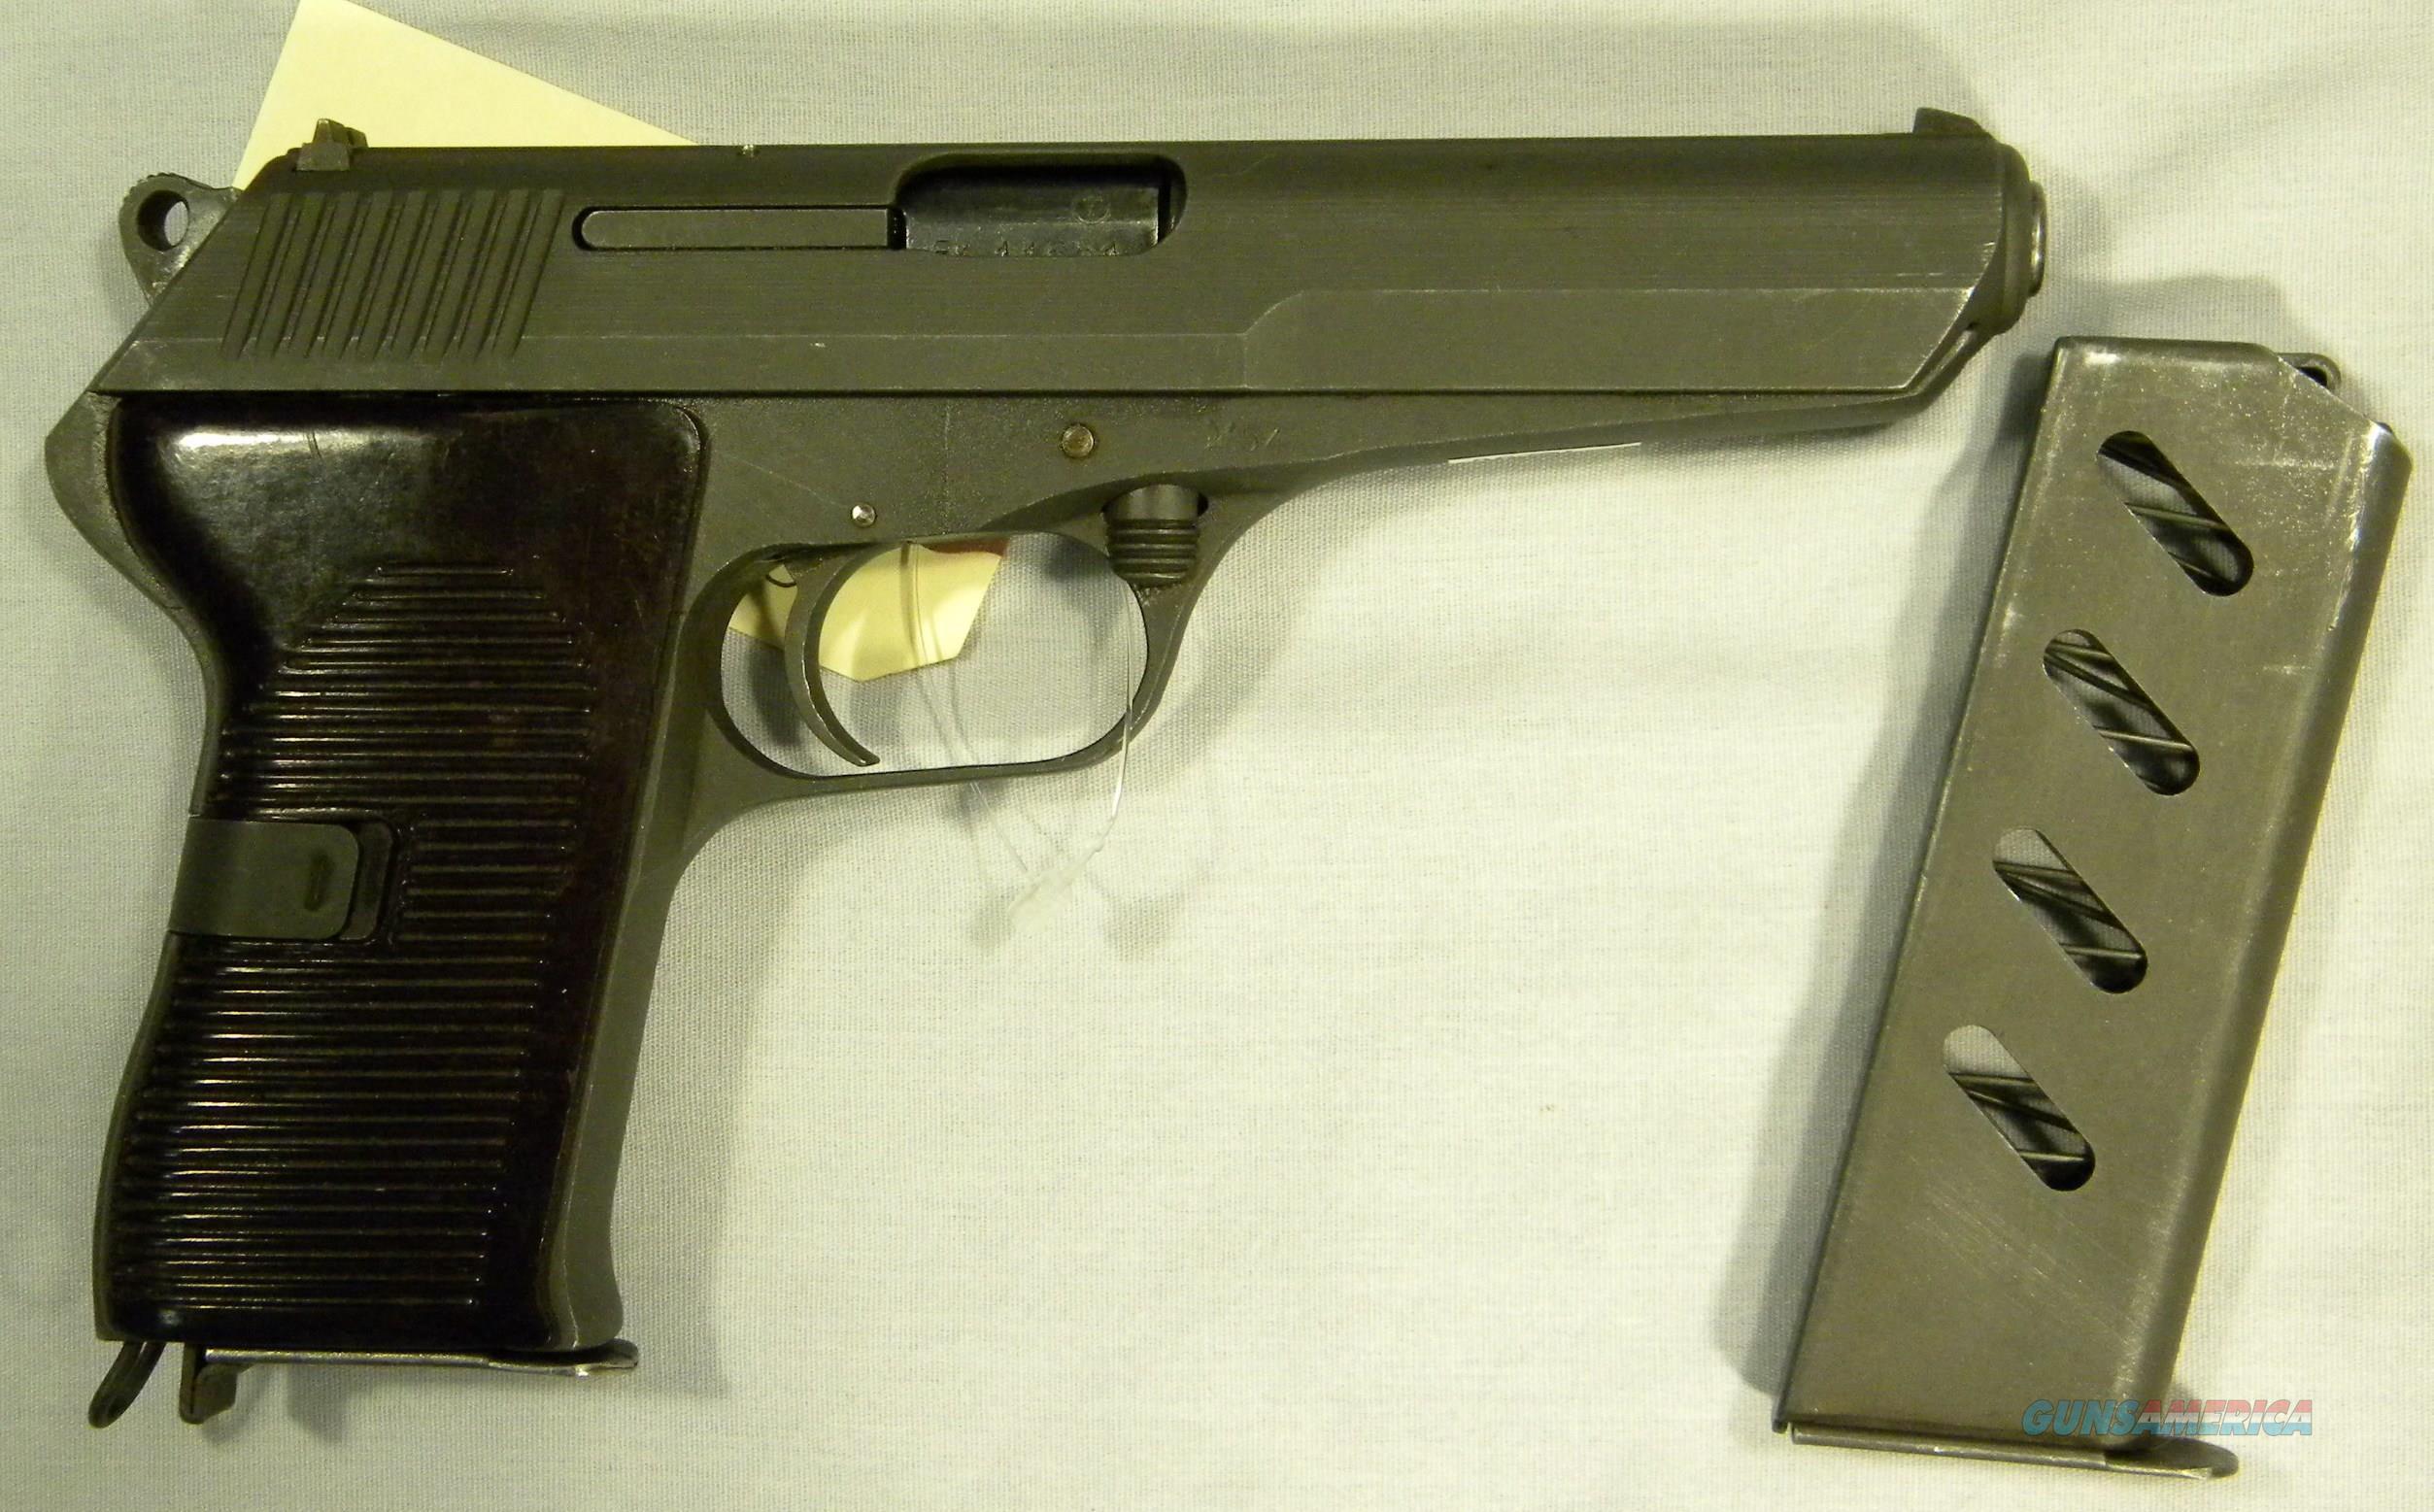 CZ-52 7.62x25 Semi-Automatic Pistol In As-New Condition!  Guns > Pistols > CZ Pistols